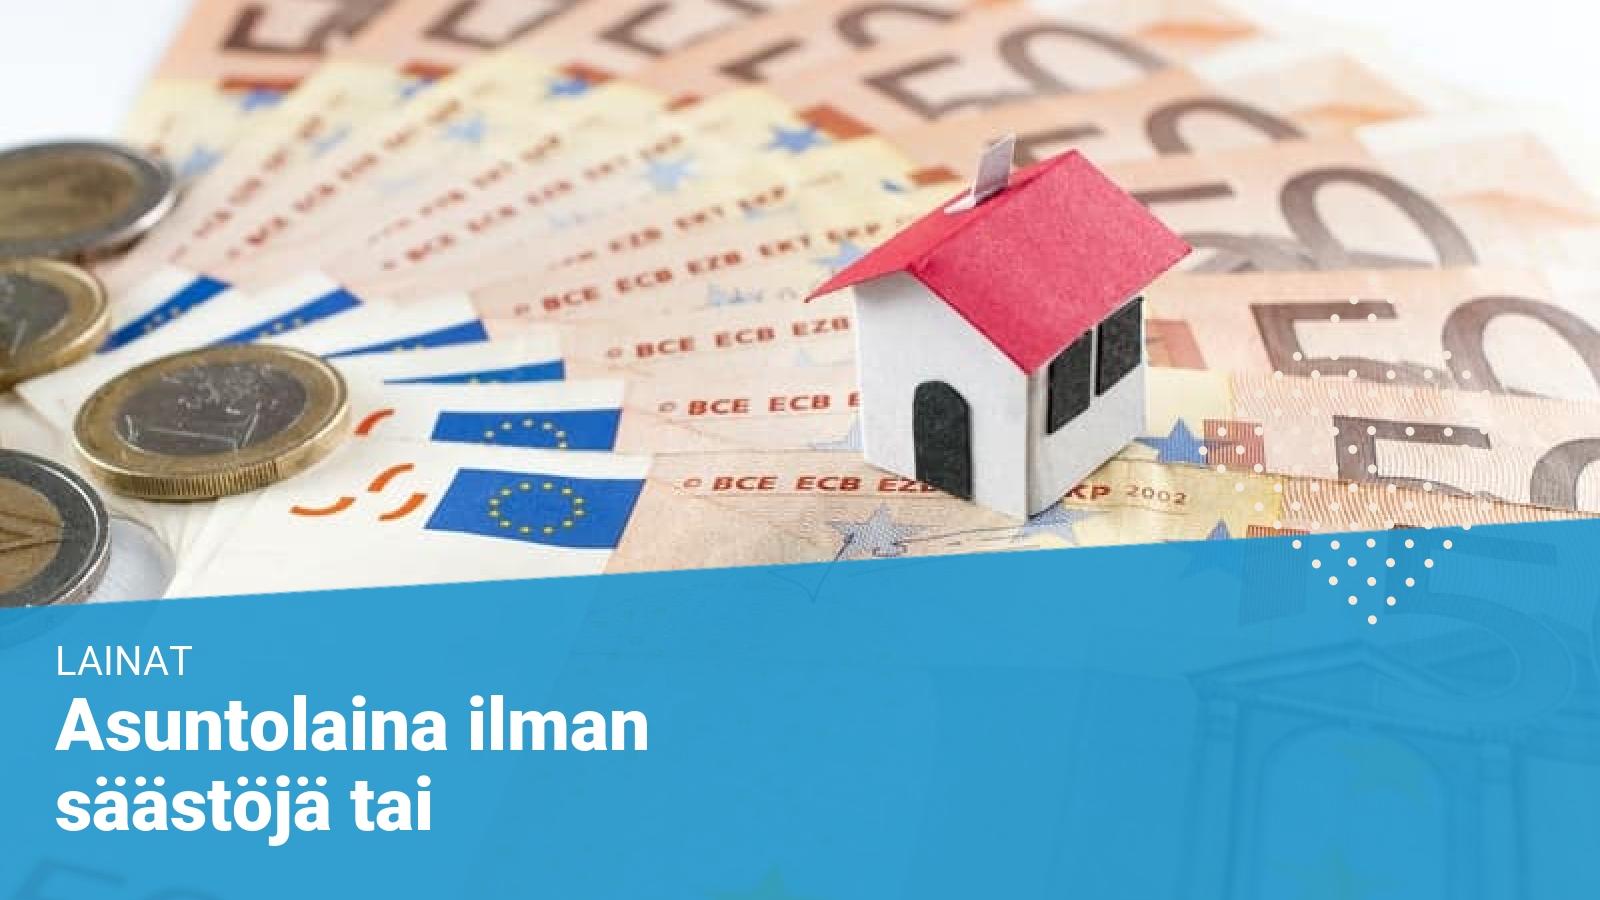 asuntolainaa-ilman-käsirahaa